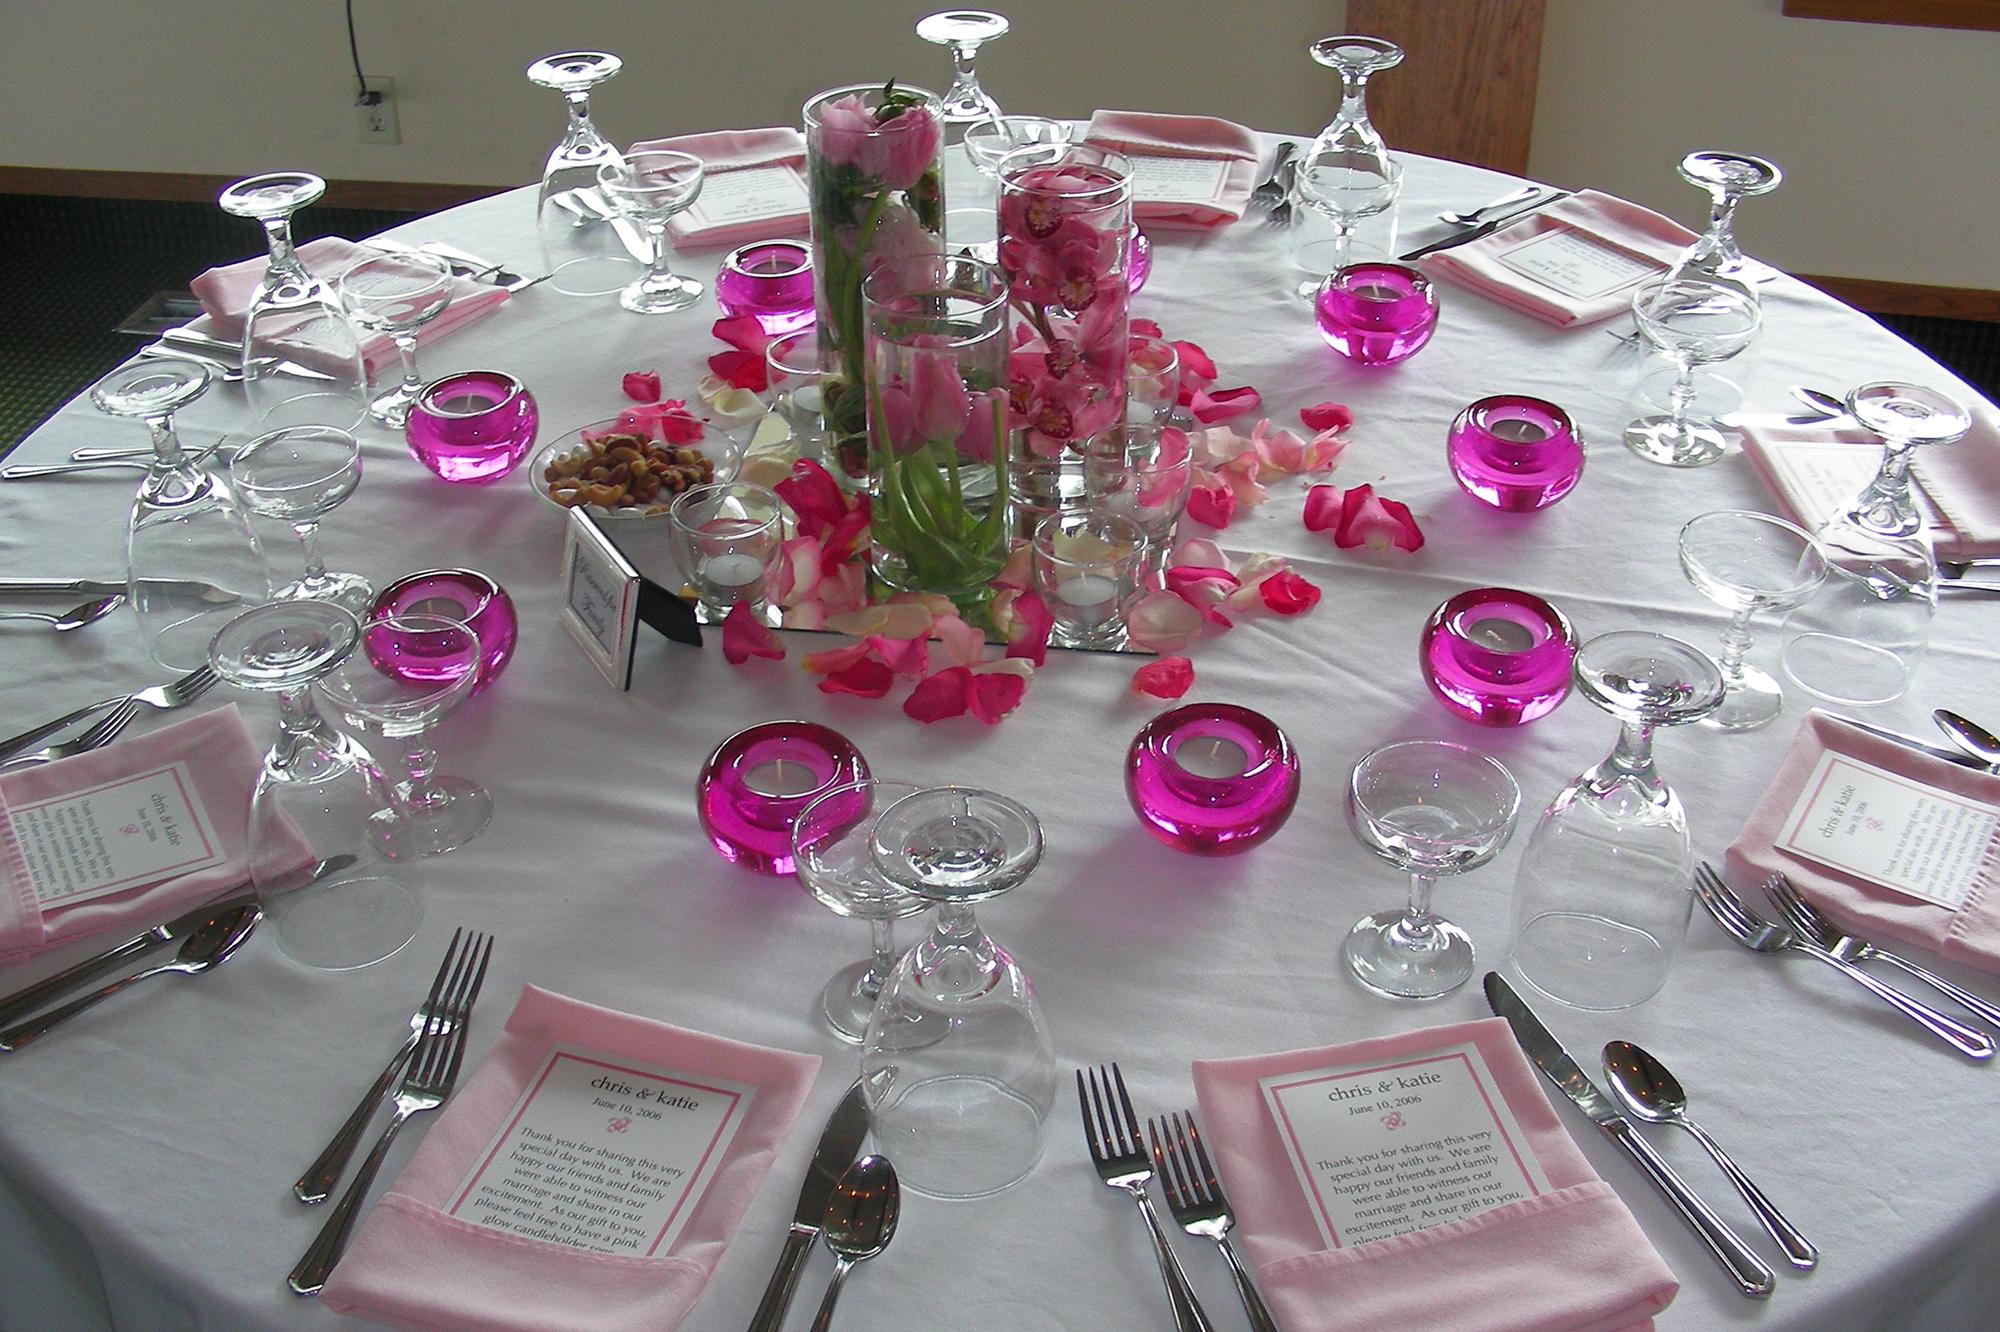 Сервировка стола для дня рождения взрослого